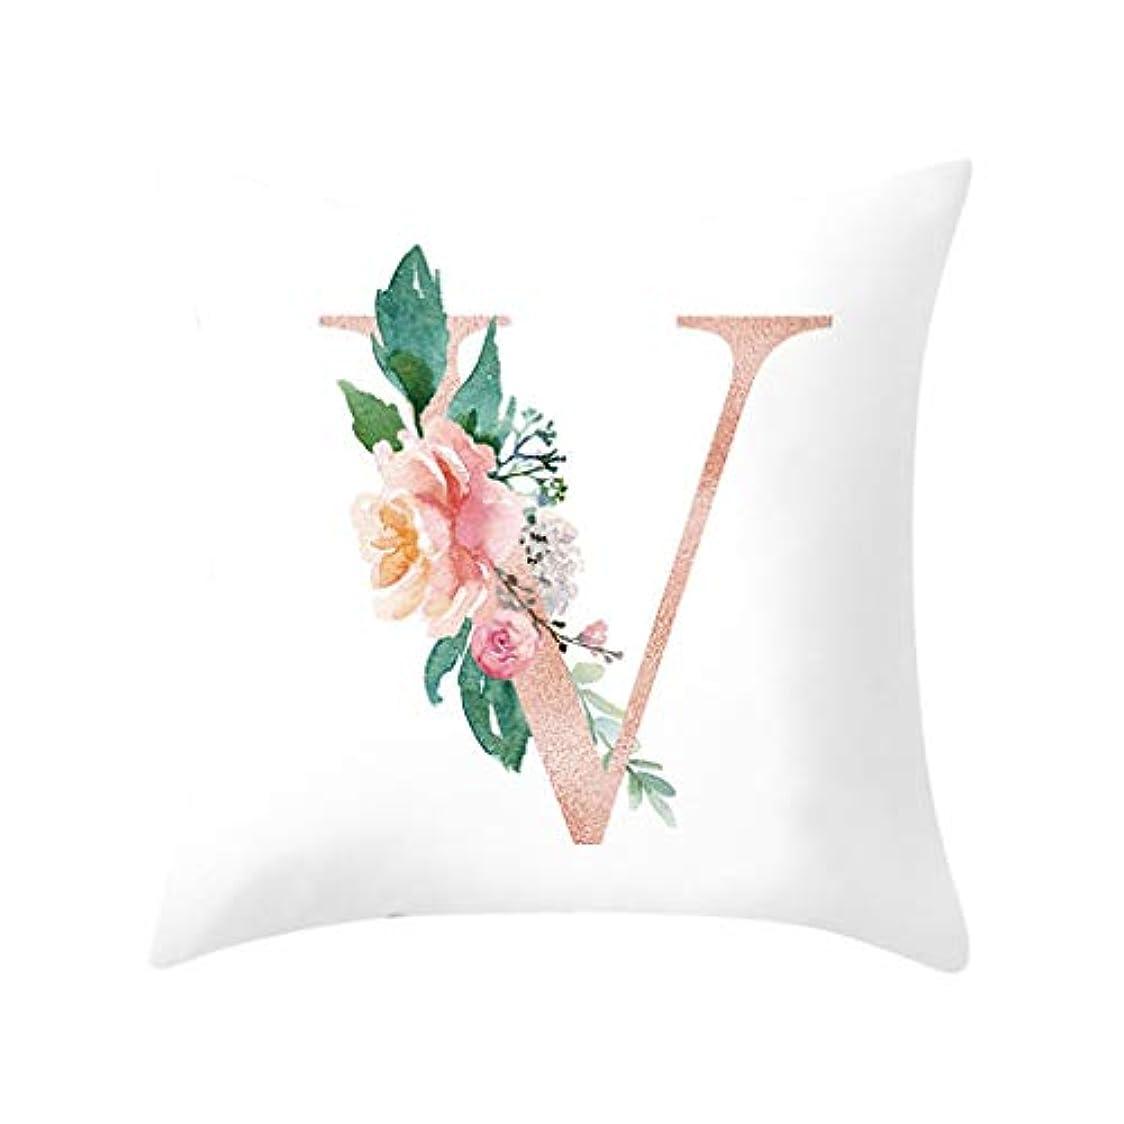 レオナルドダ透明にオーブンLIFE 装飾クッションソファ手紙枕アルファベットクッション印刷ソファ家の装飾の花枕 coussin decoratif クッション 椅子